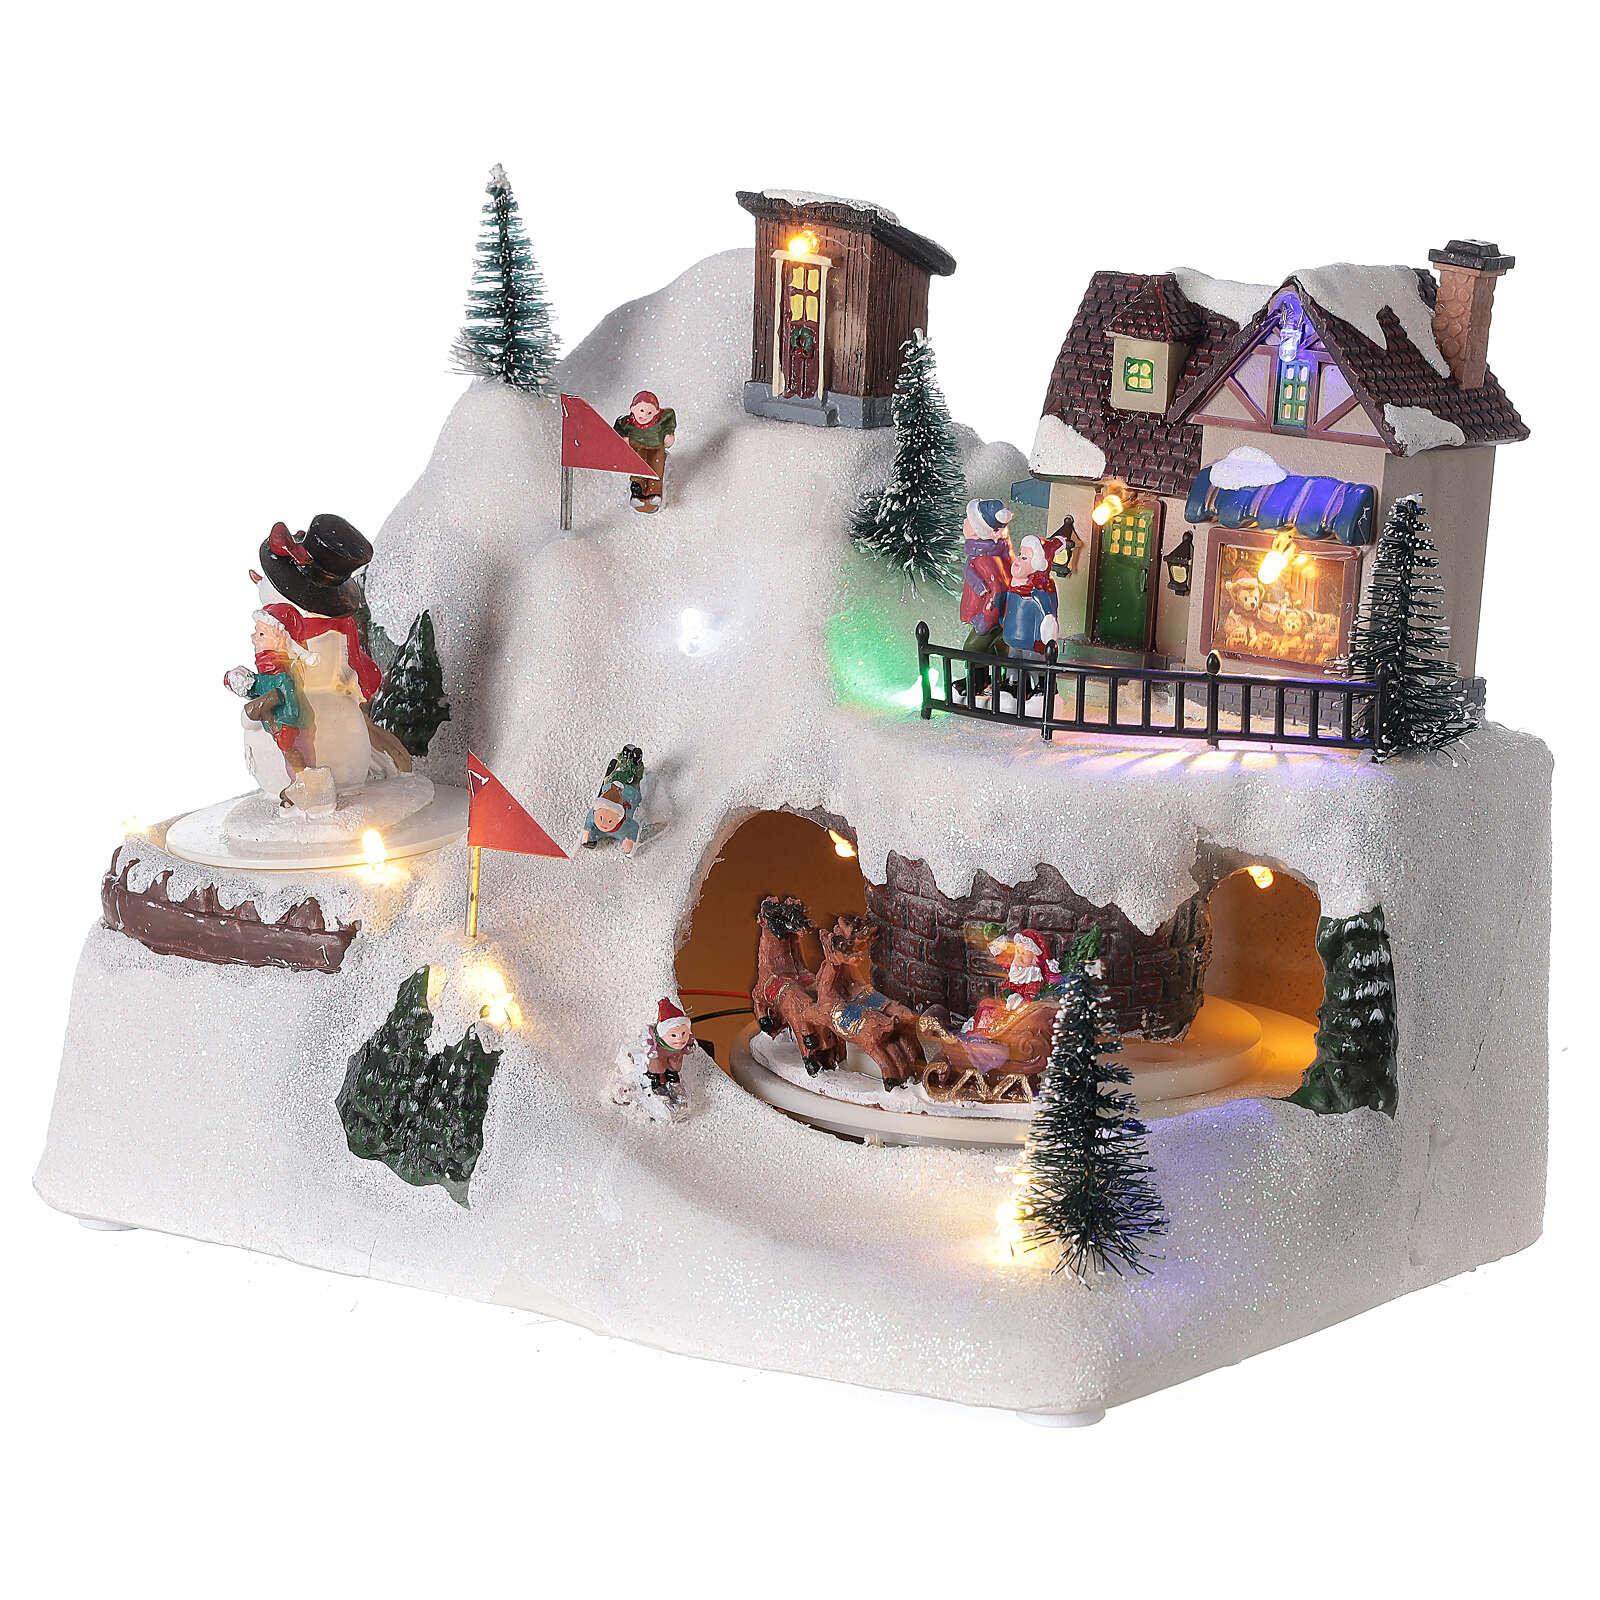 Villaggio albero Natale slittini luci musica 20x25x15 cm 3